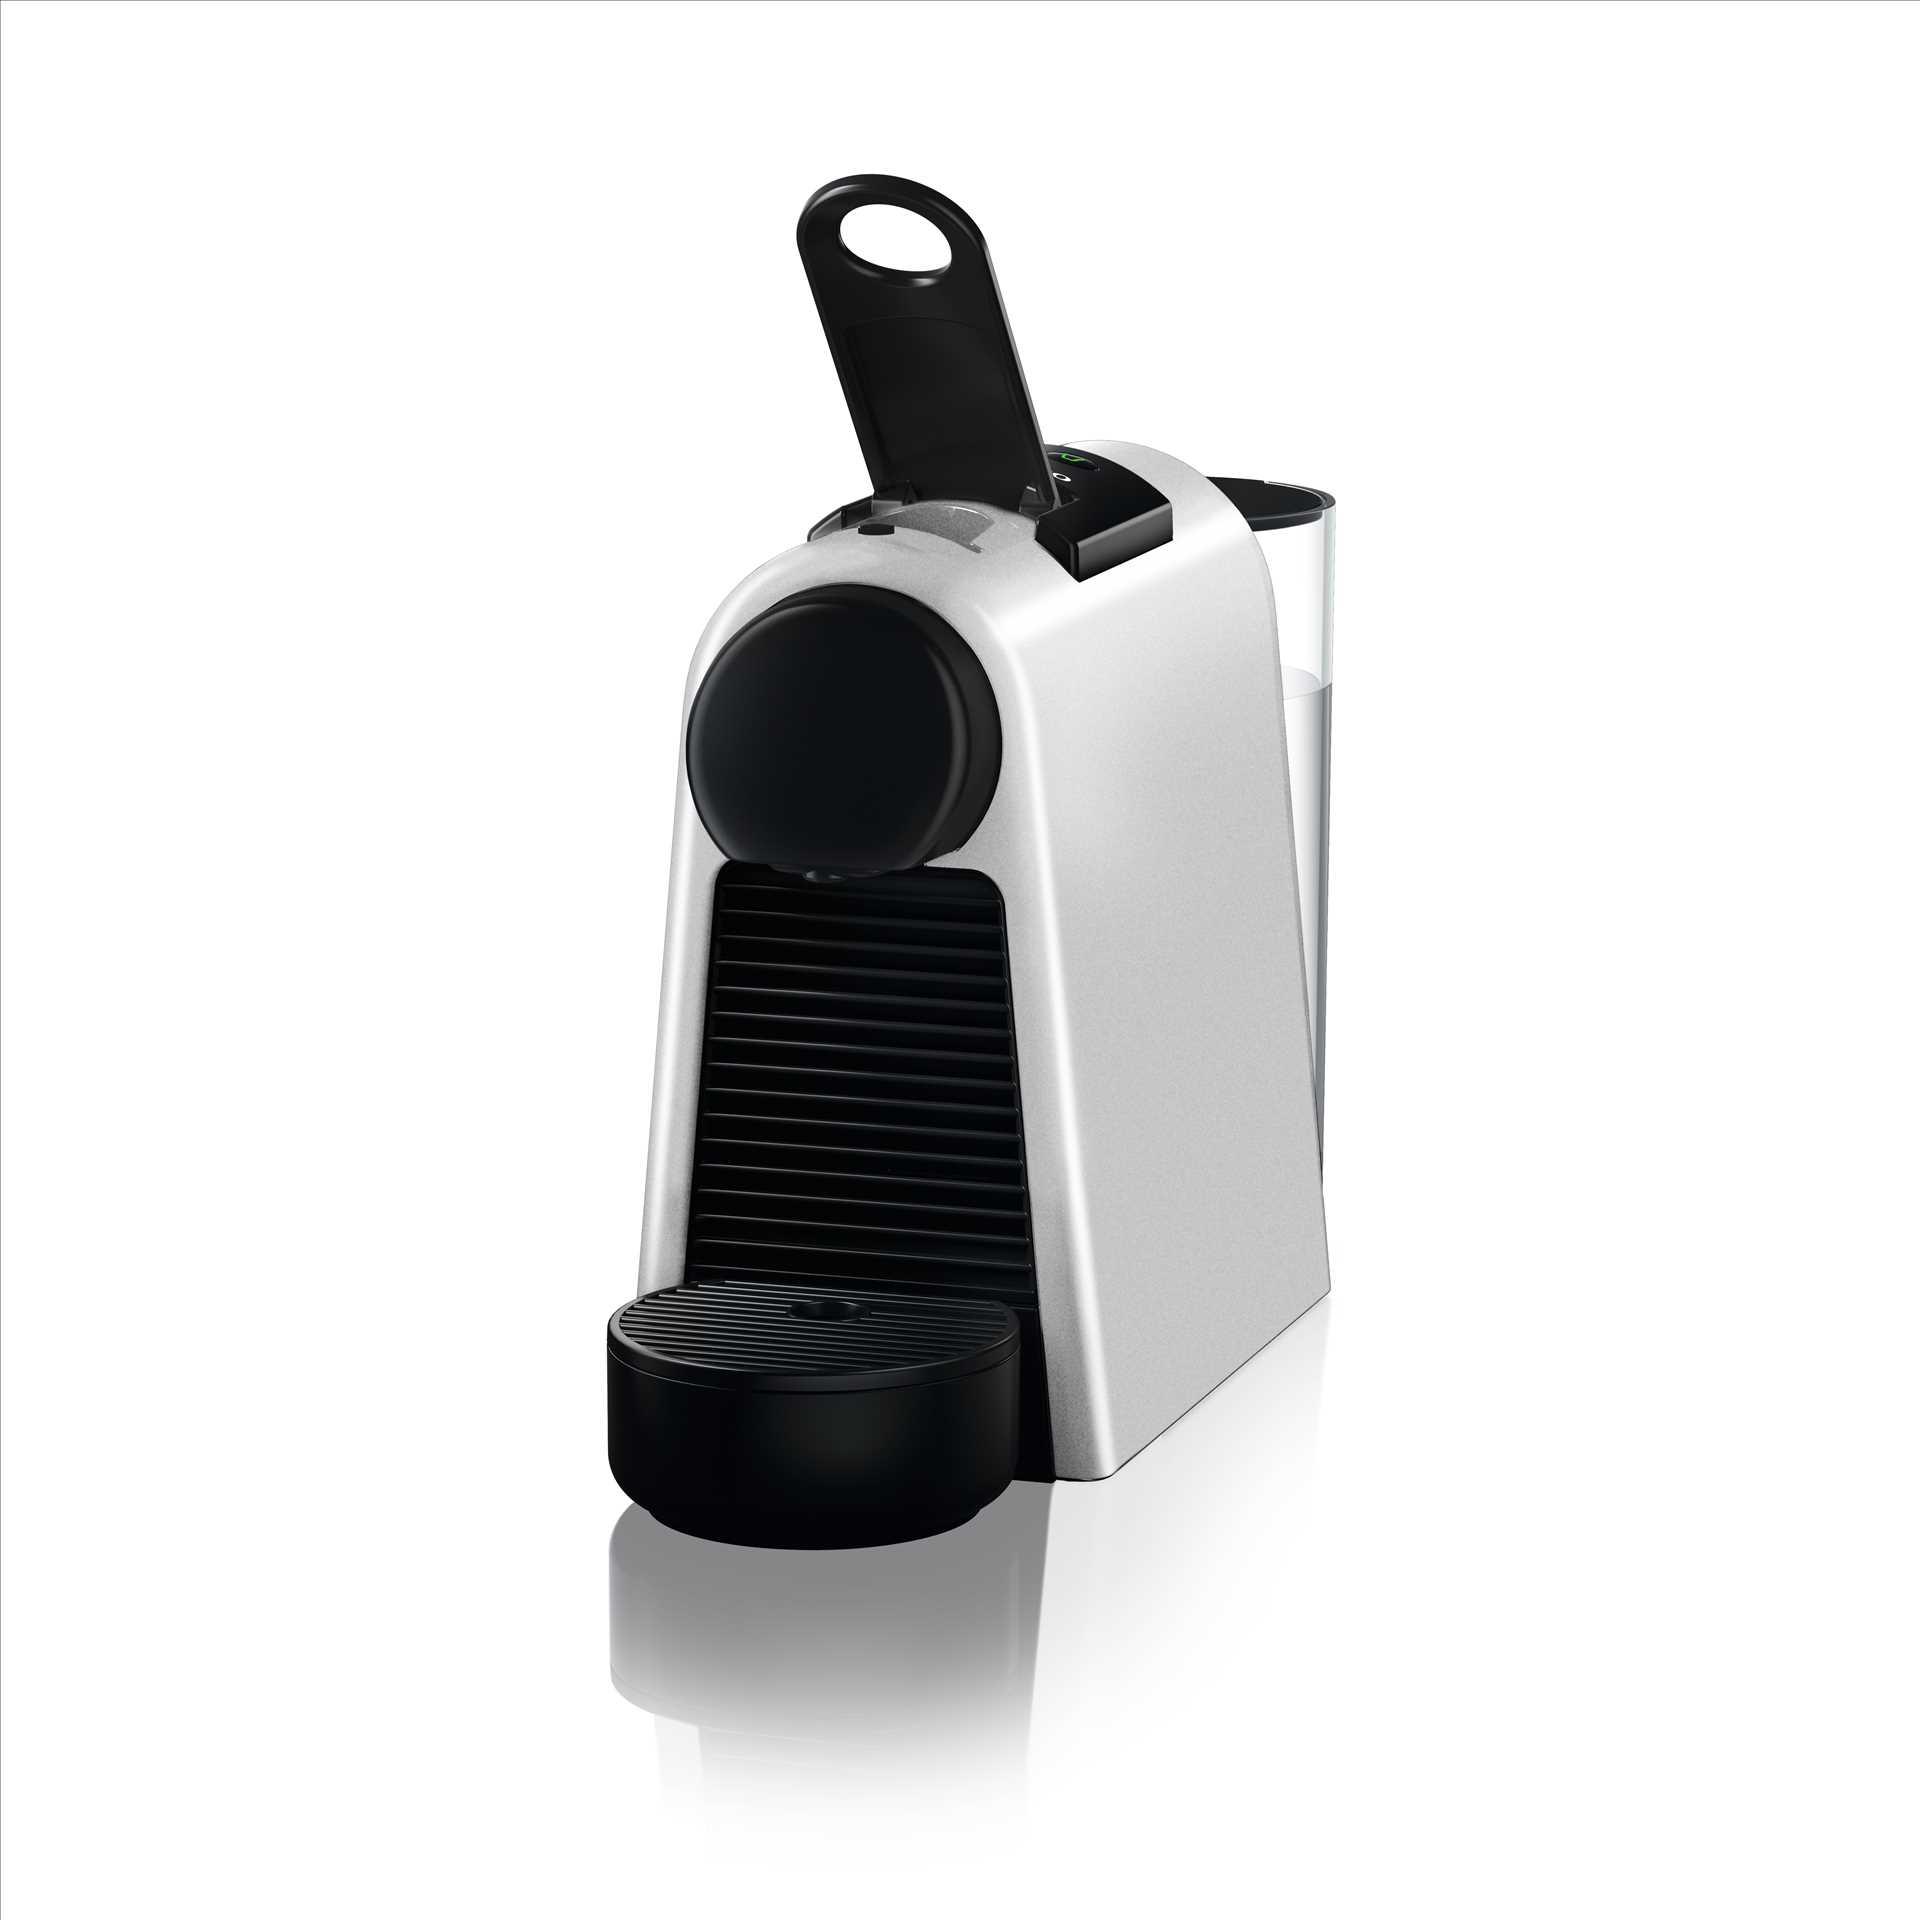 מכונת אספרסו Nespresso Essenza Mini D30 נספרסו בגוון כסוף מט (מהדורה מוגבלת) כולל מקציף חלב ארוצ'ינו - תמונה 5